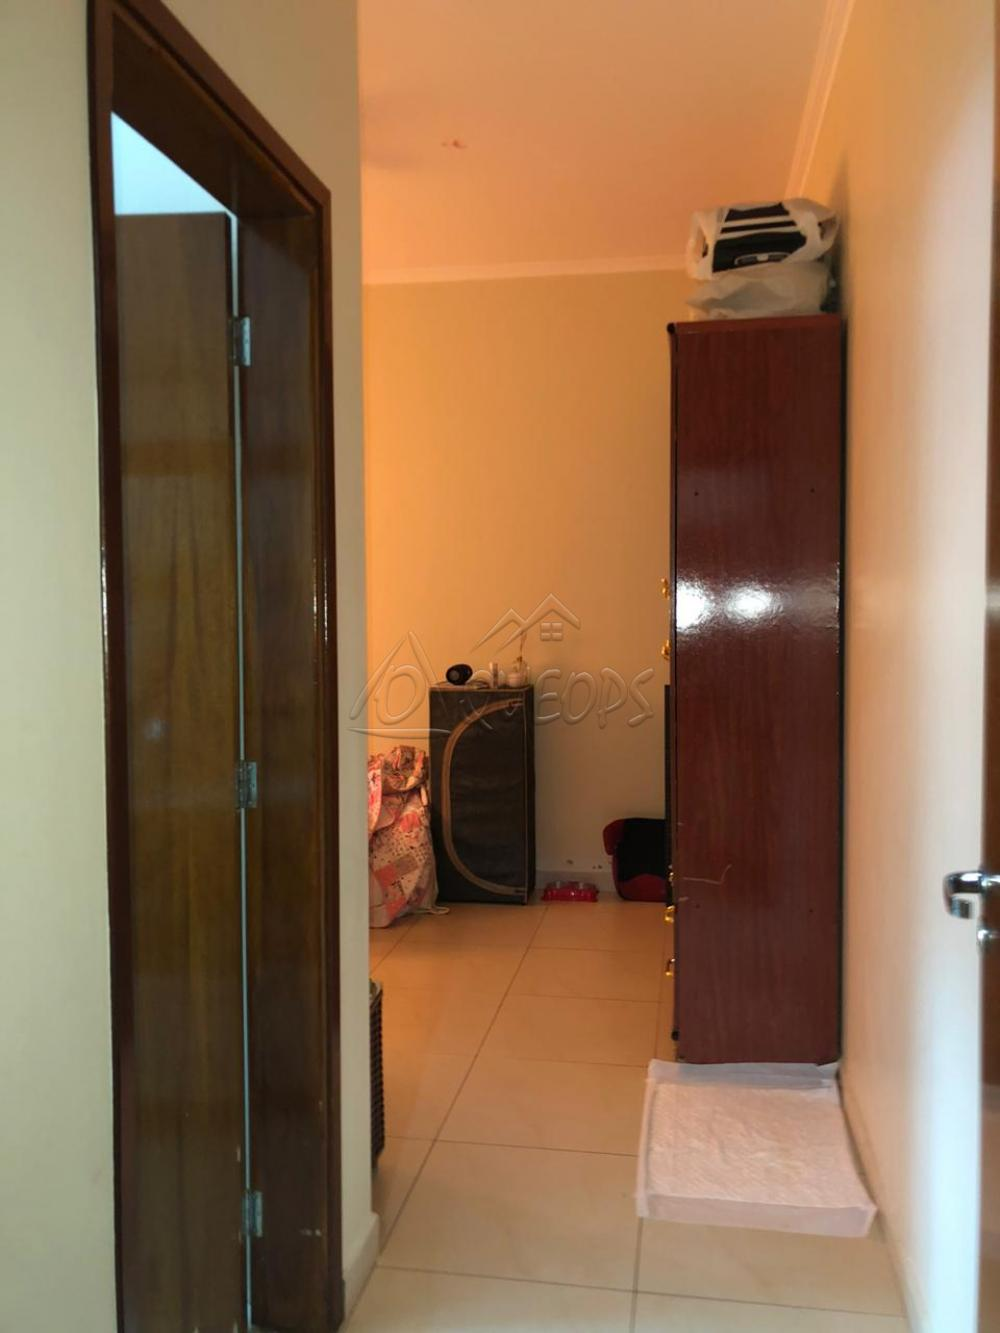 Comprar Casa / Padrão em Barretos apenas R$ 750.000,00 - Foto 6